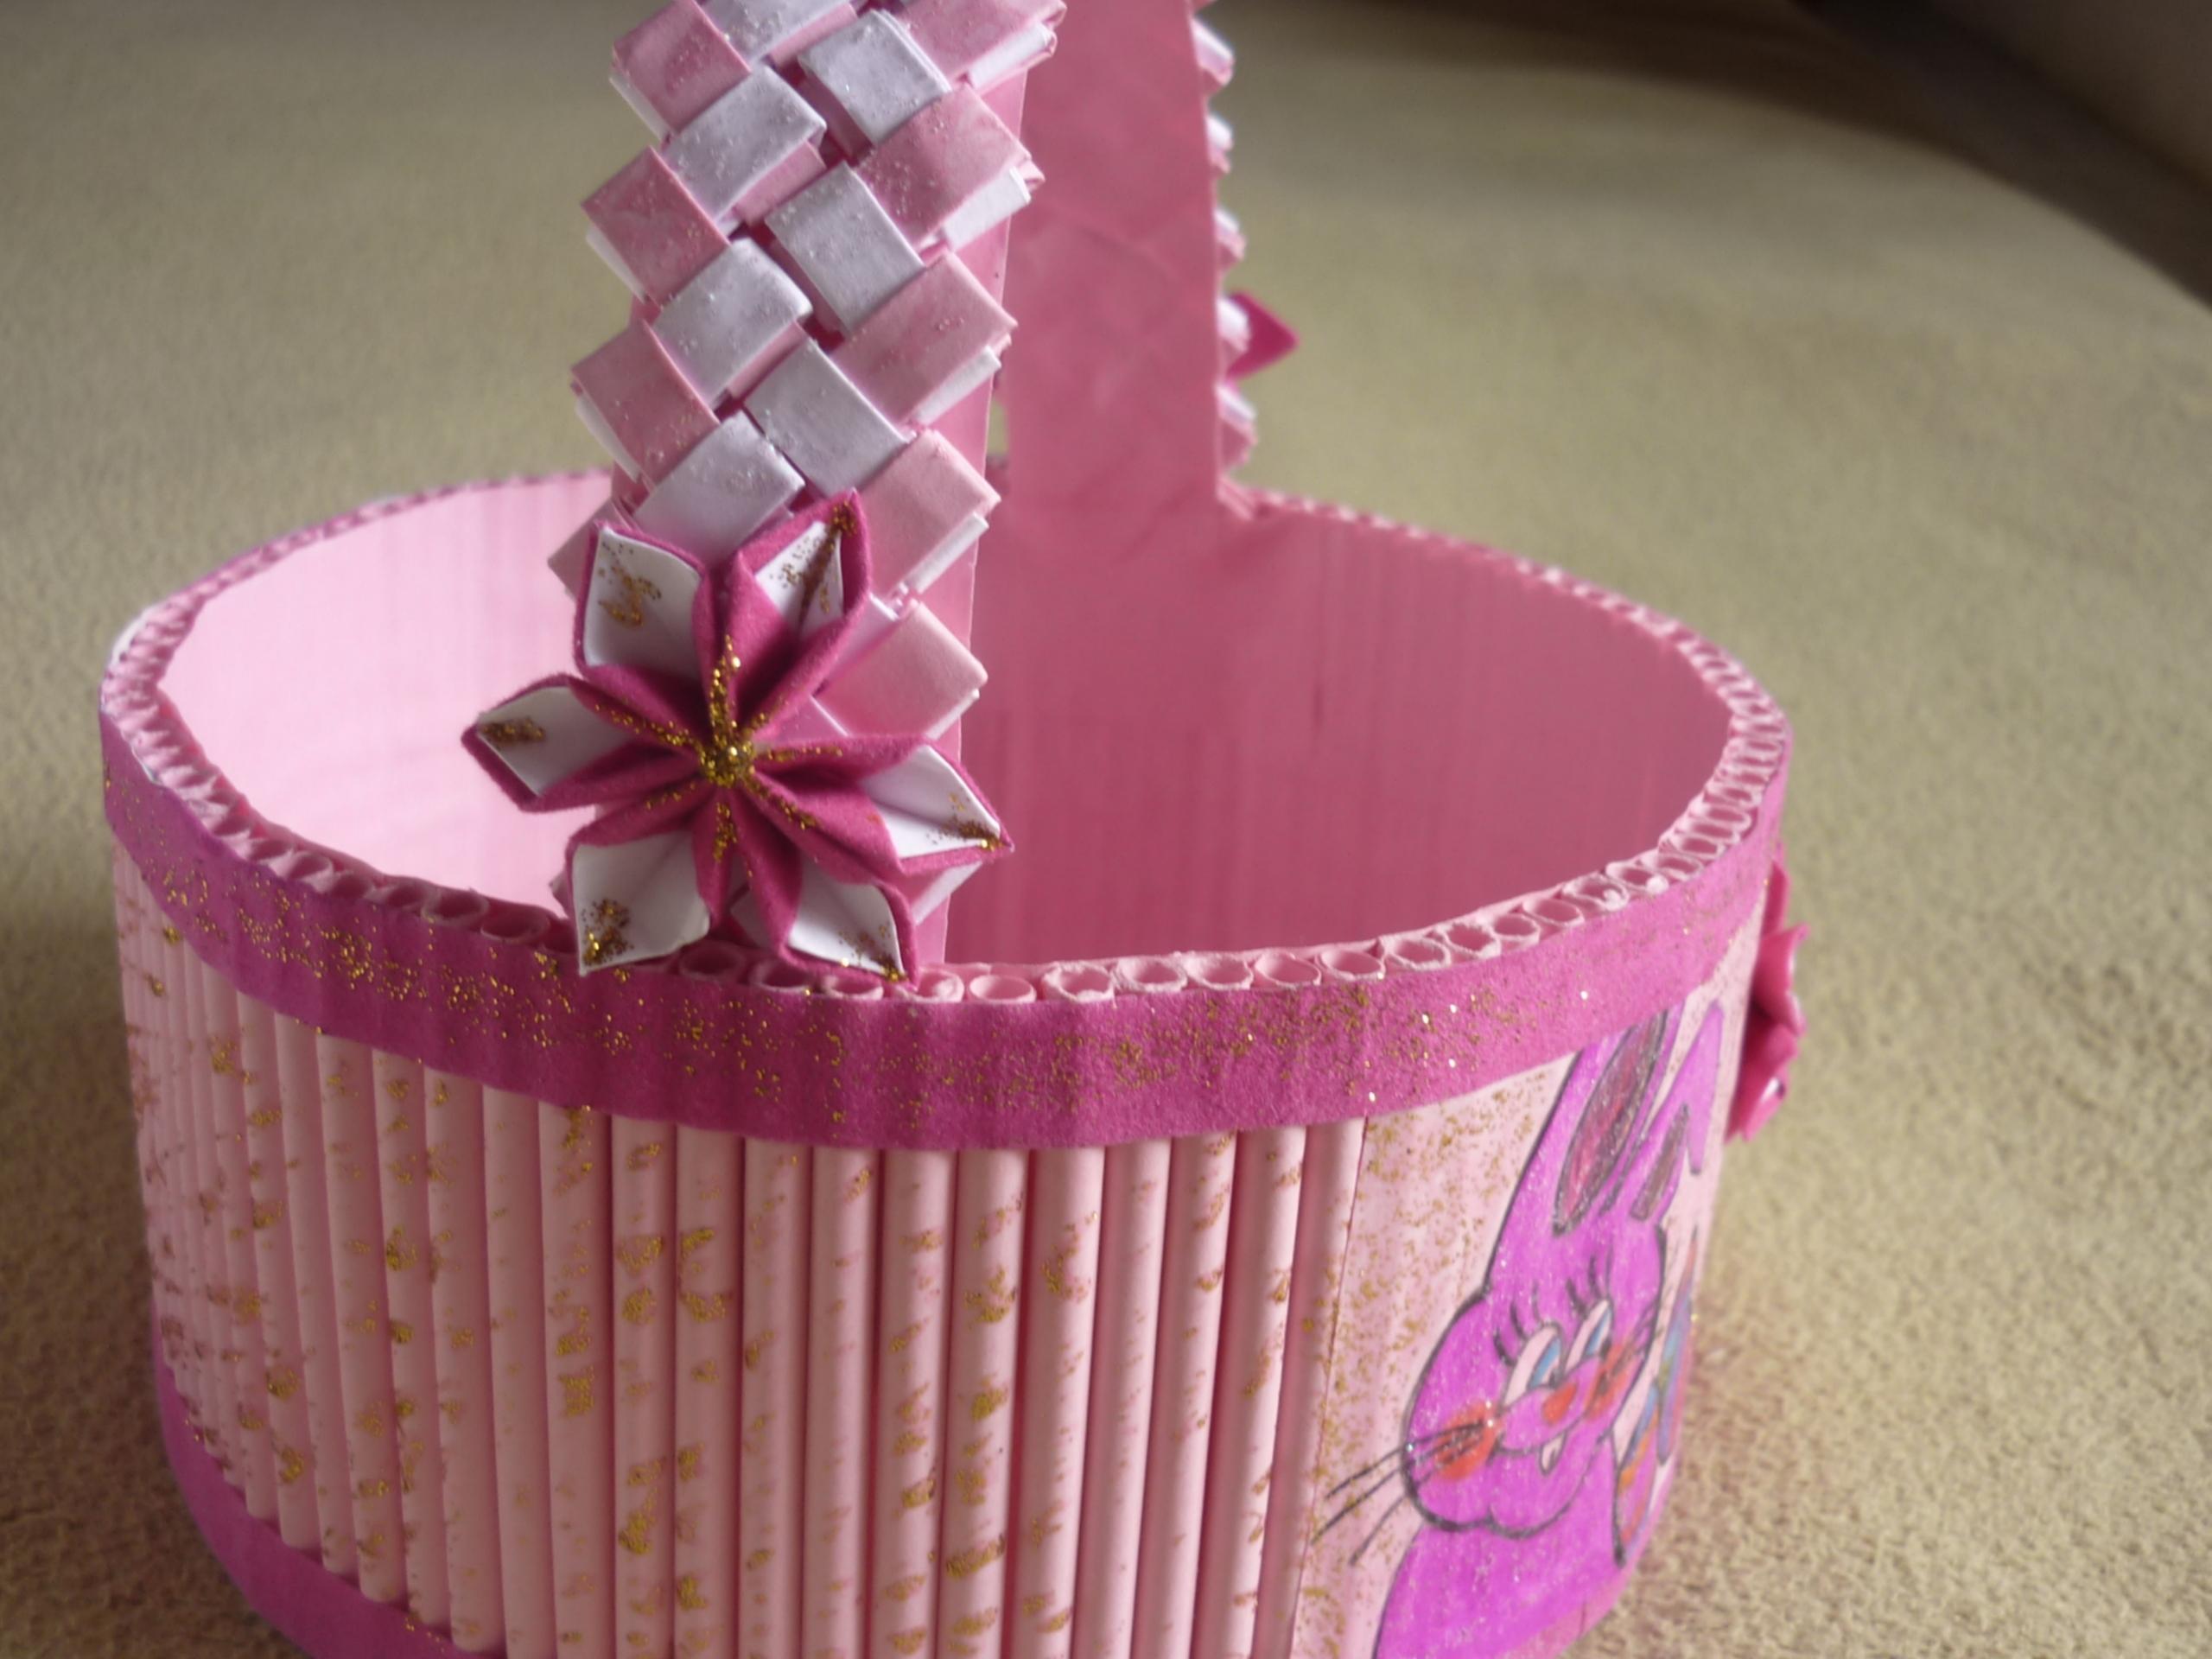 para pascoa rosa cesta decorada para pascoa pascoa cesta decorada para